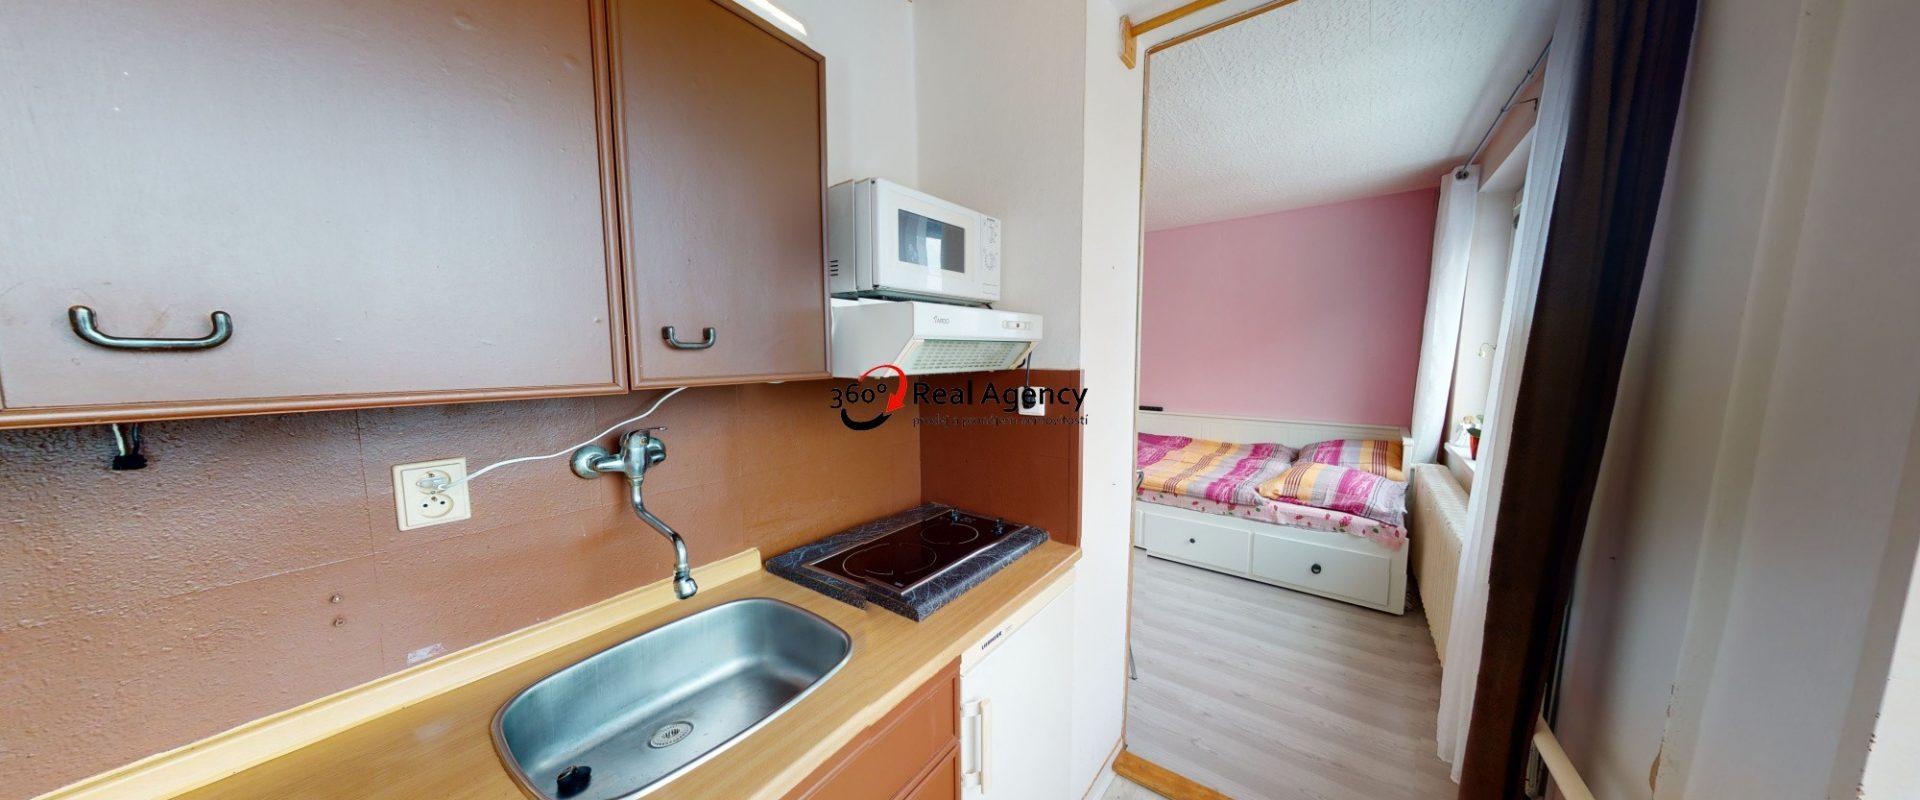 Prodej bytu 1+kk/sklep 30 m², Tunelářů, Praha 5 – Zbraslav.